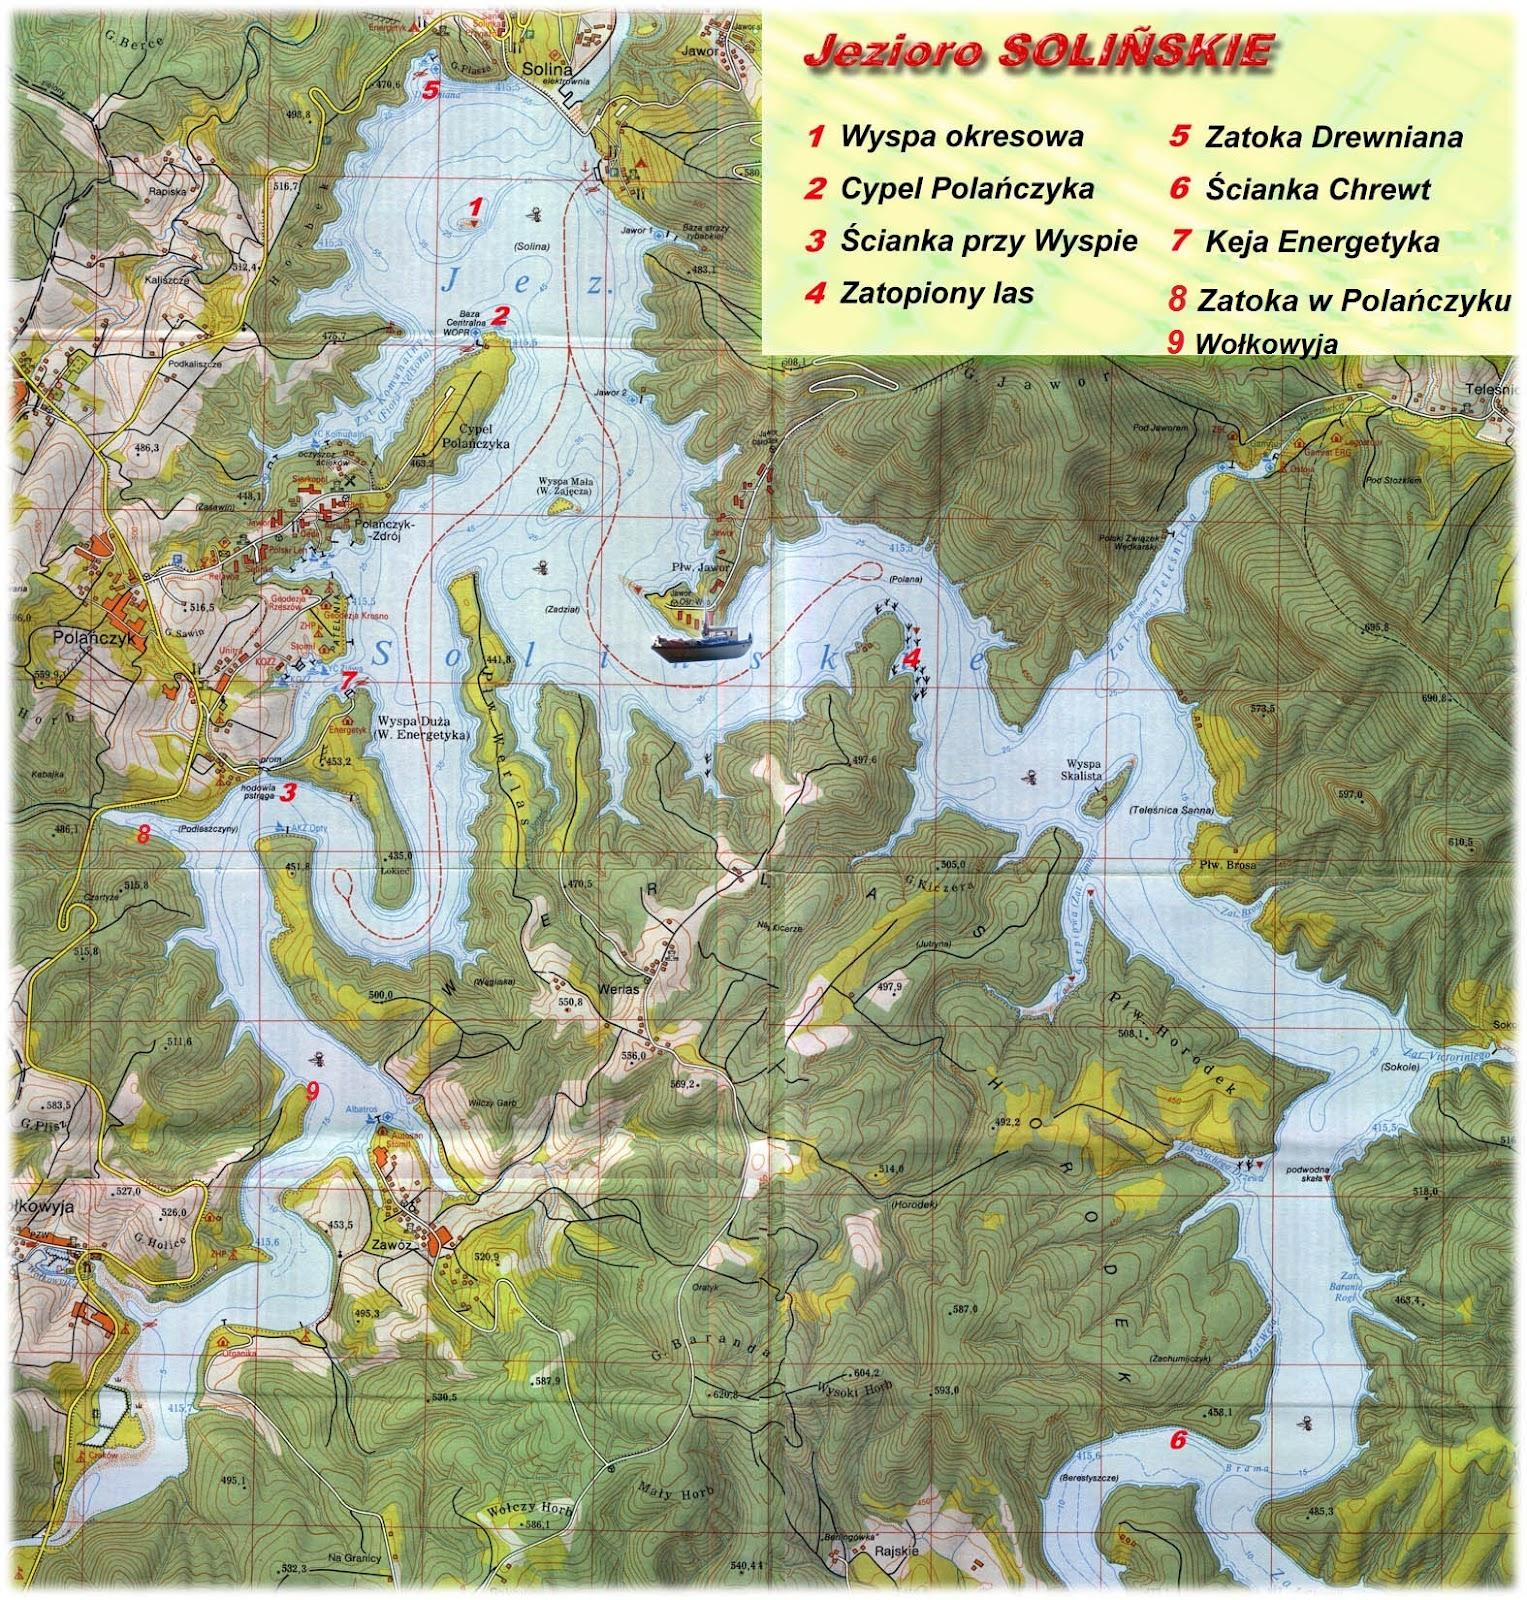 Bieszczady Mapa Batymetryczna Jeziora Solinskiego